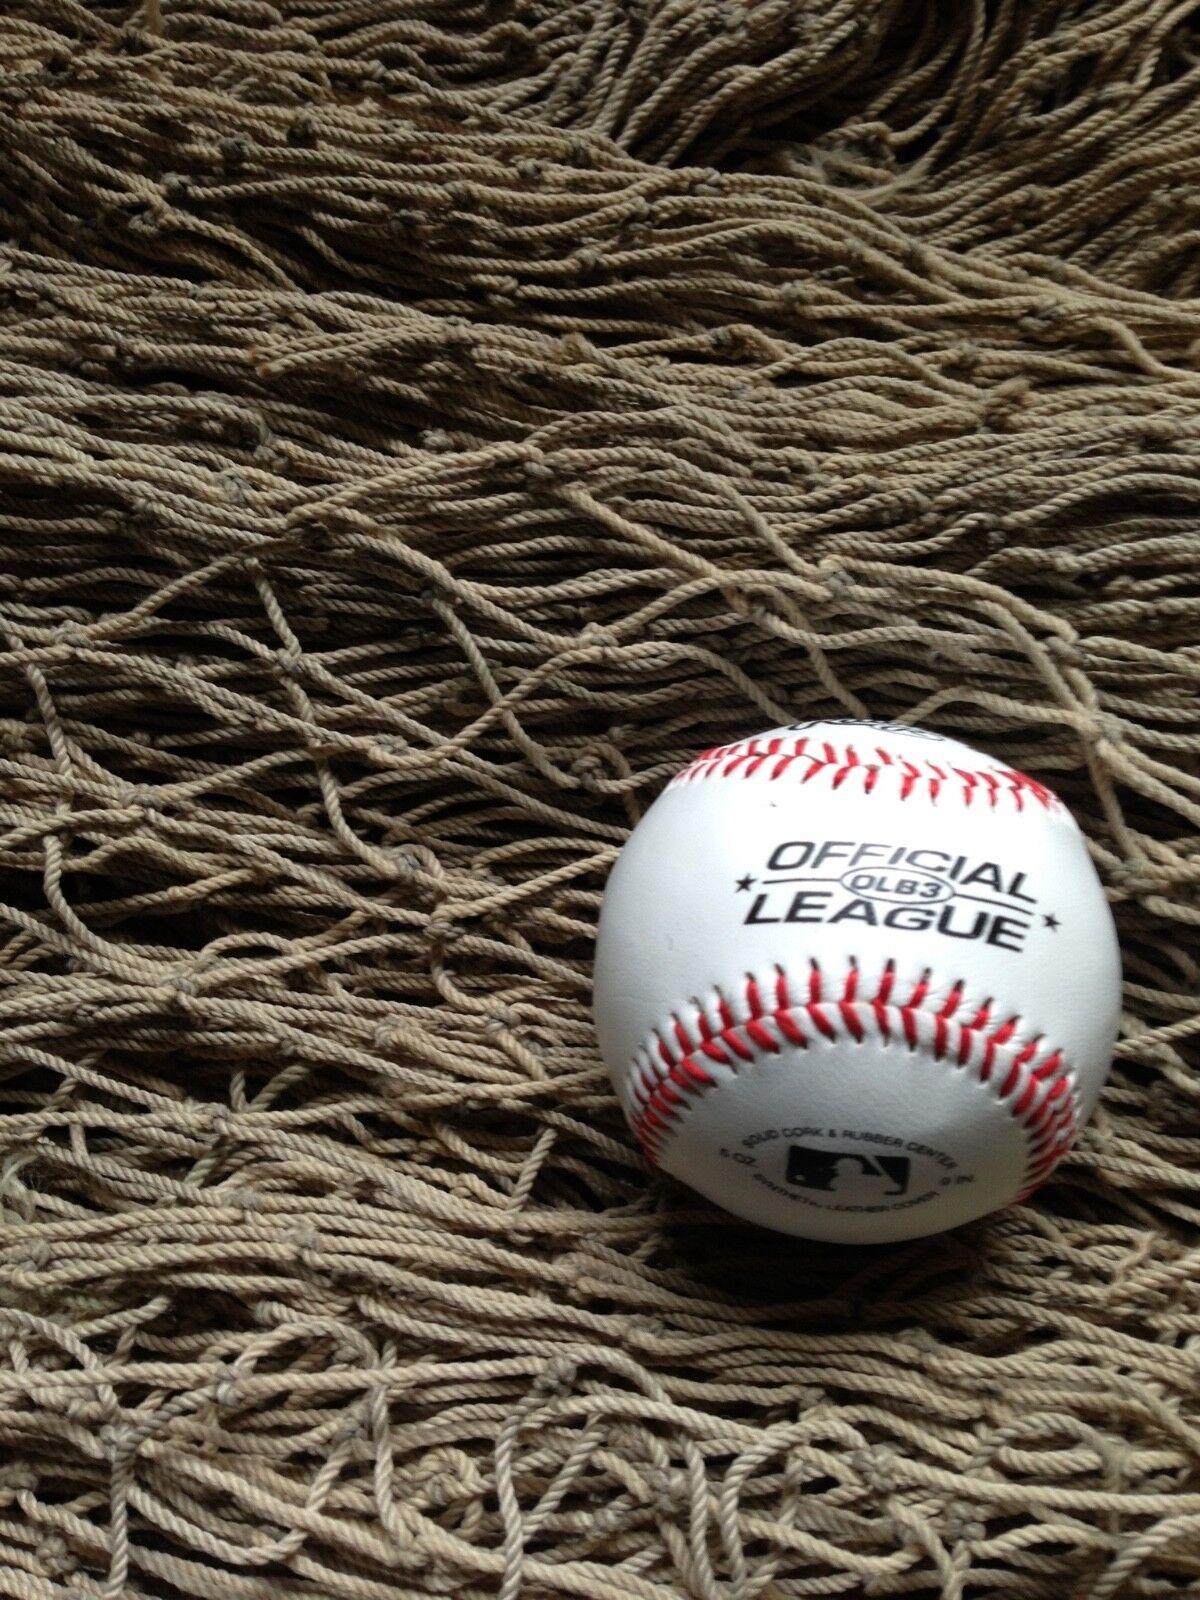 20ft x 15ft Baseball/Softball/Soccer Sporting Net, USED Commercial Fishing Gear